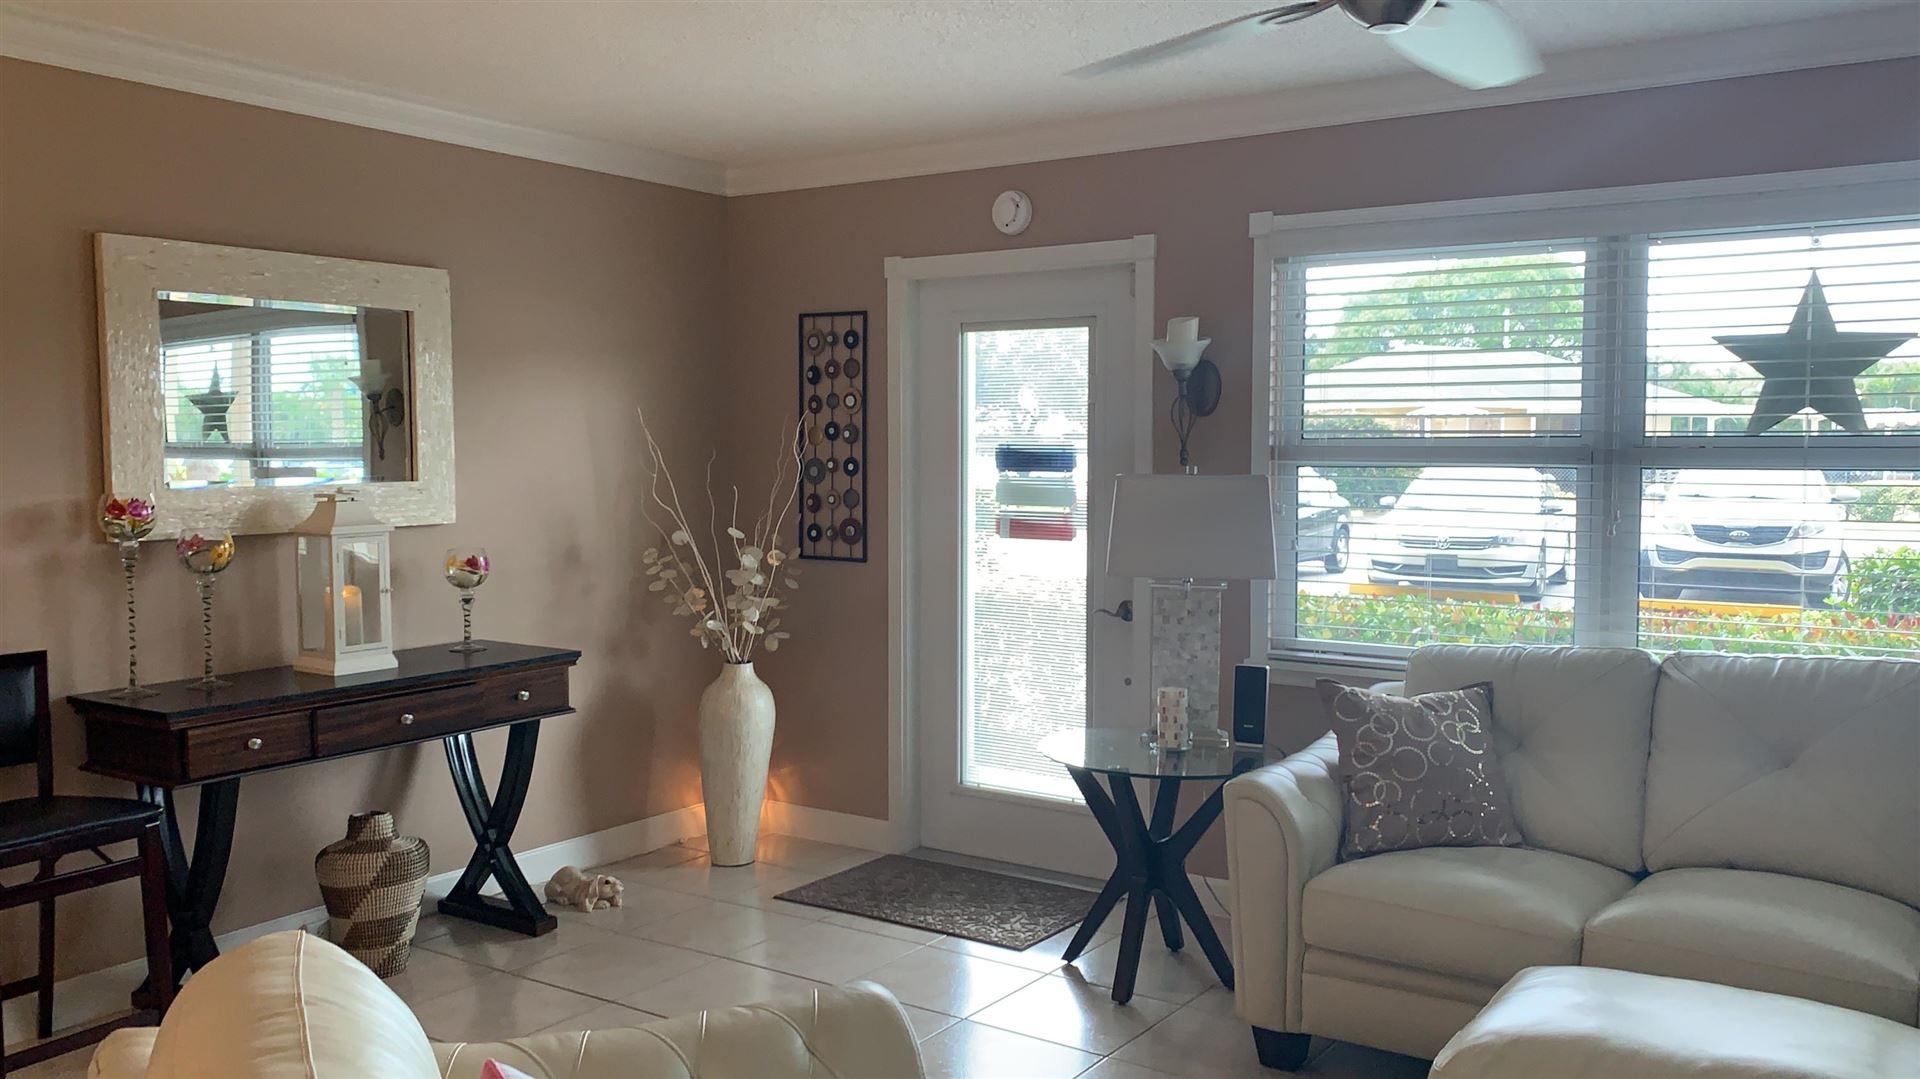 153 Southampton C, West Palm Beach, FL 33417 - #: RX-10623572